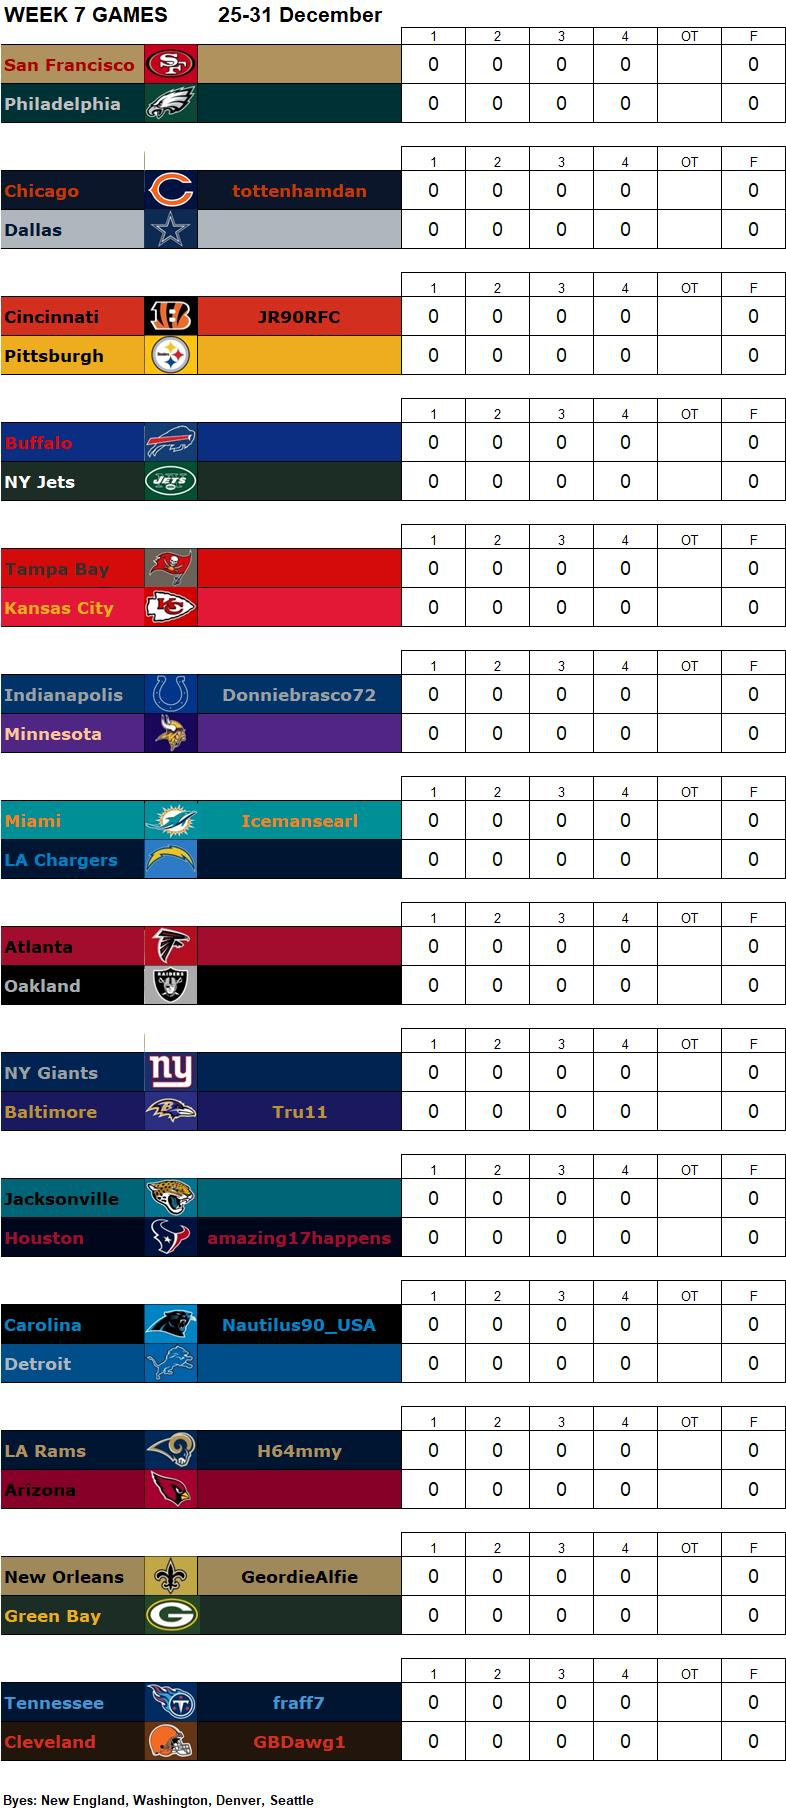 Week 7 Matchups, 25-31 December  W7g17